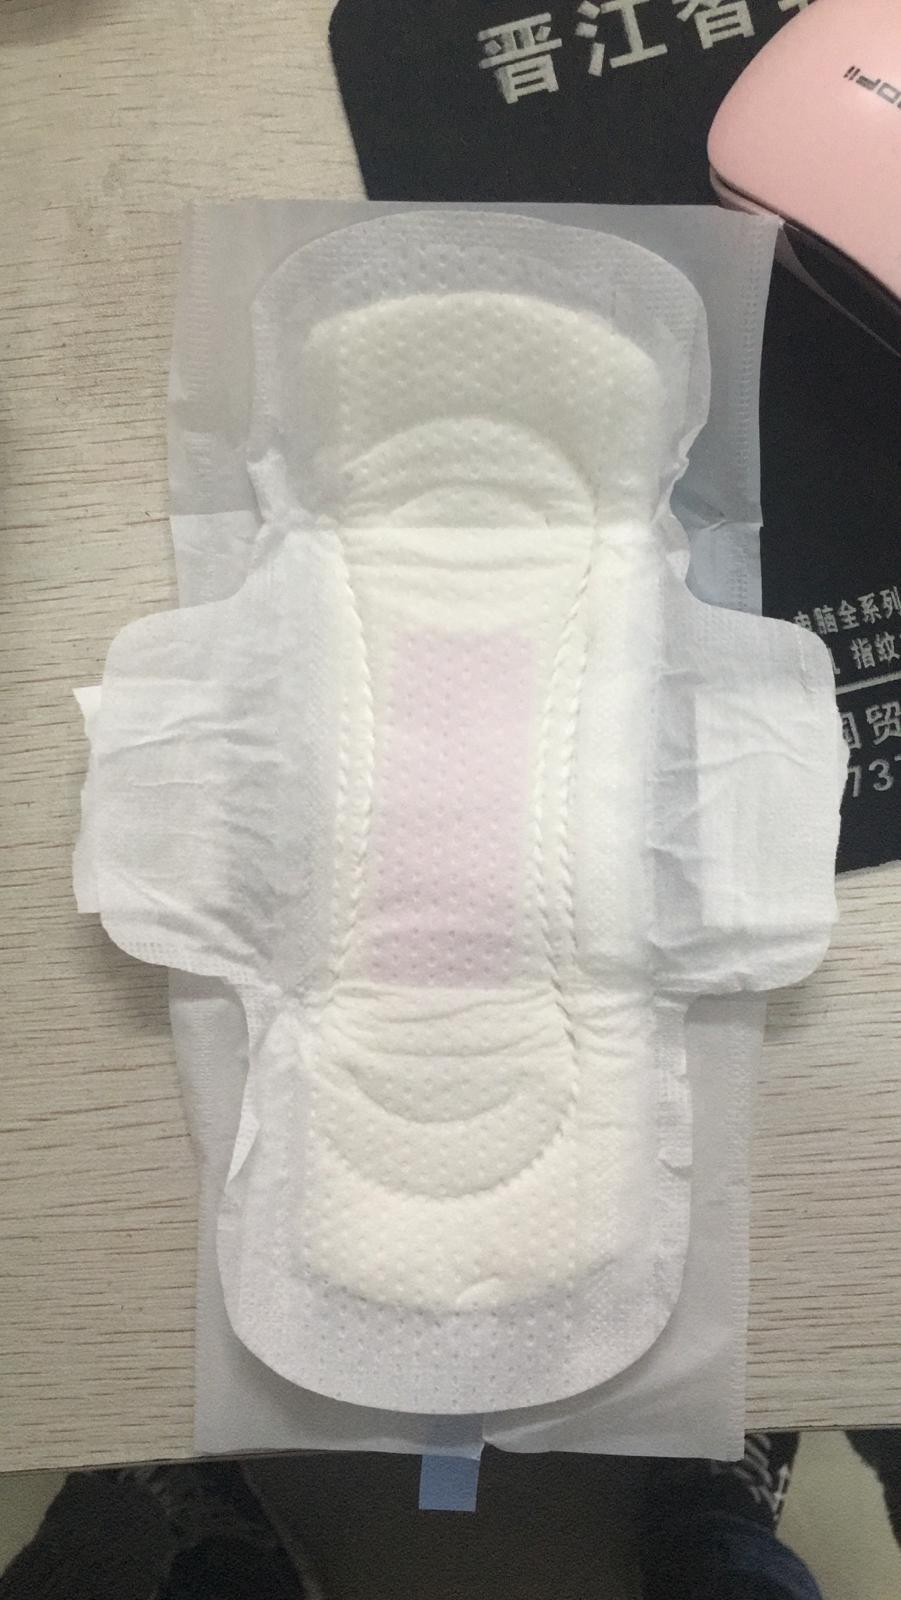 Genesis care sanitary pads